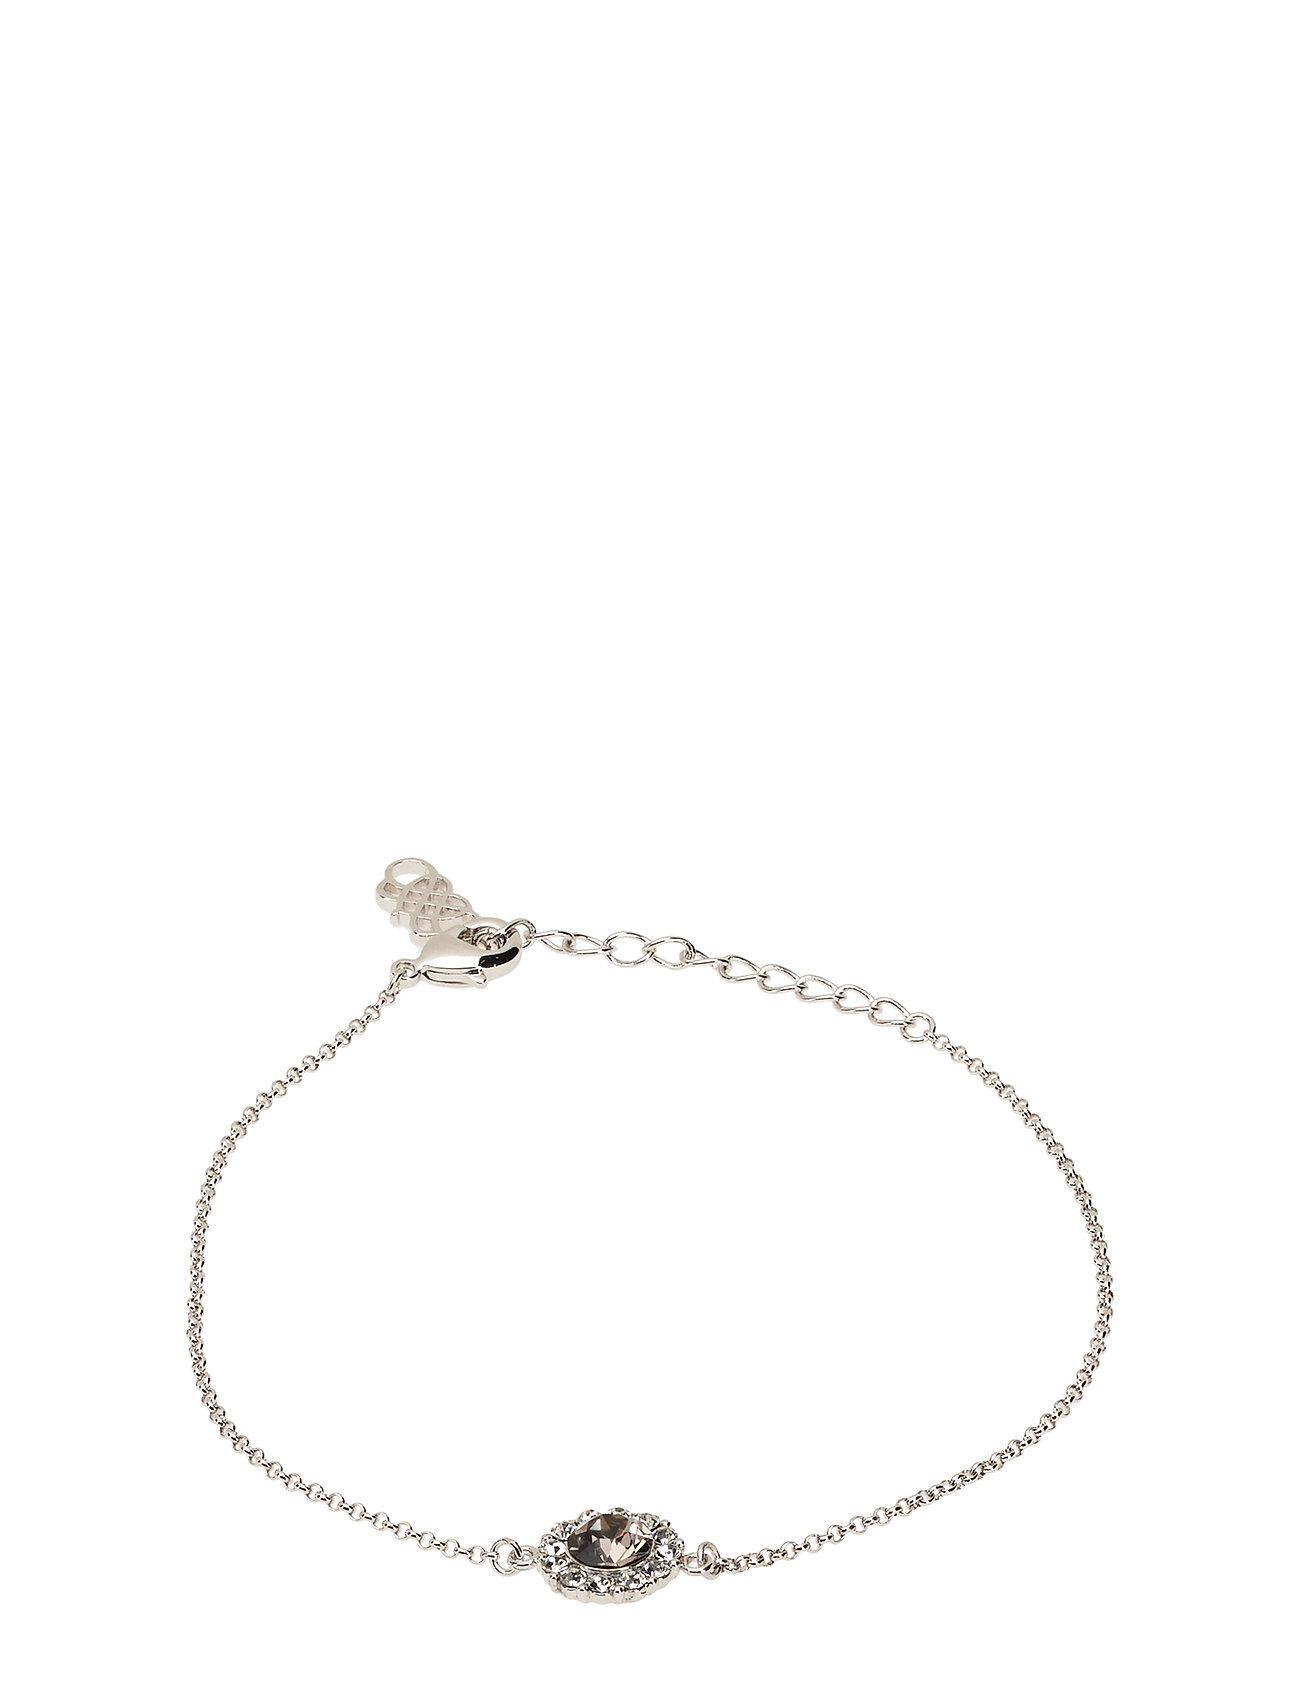 LILY AND ROSE Celeste Bracelet - Diamond Grey Accessories Jewellery Bracelets Chain Bracelets Hopea LILY AND ROSE